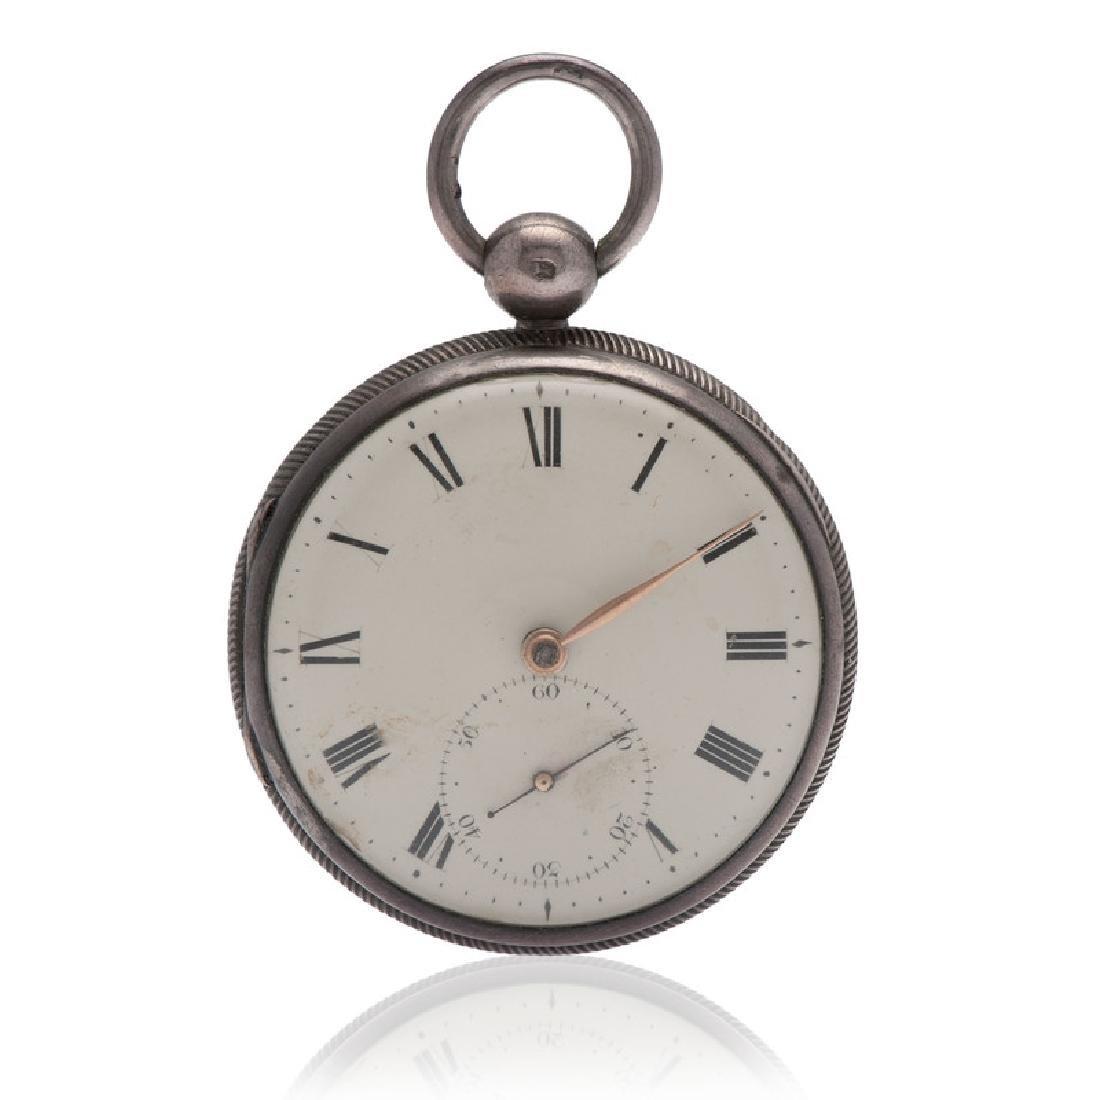 John Robinson Sterling Silver Open Face Pocket Watch